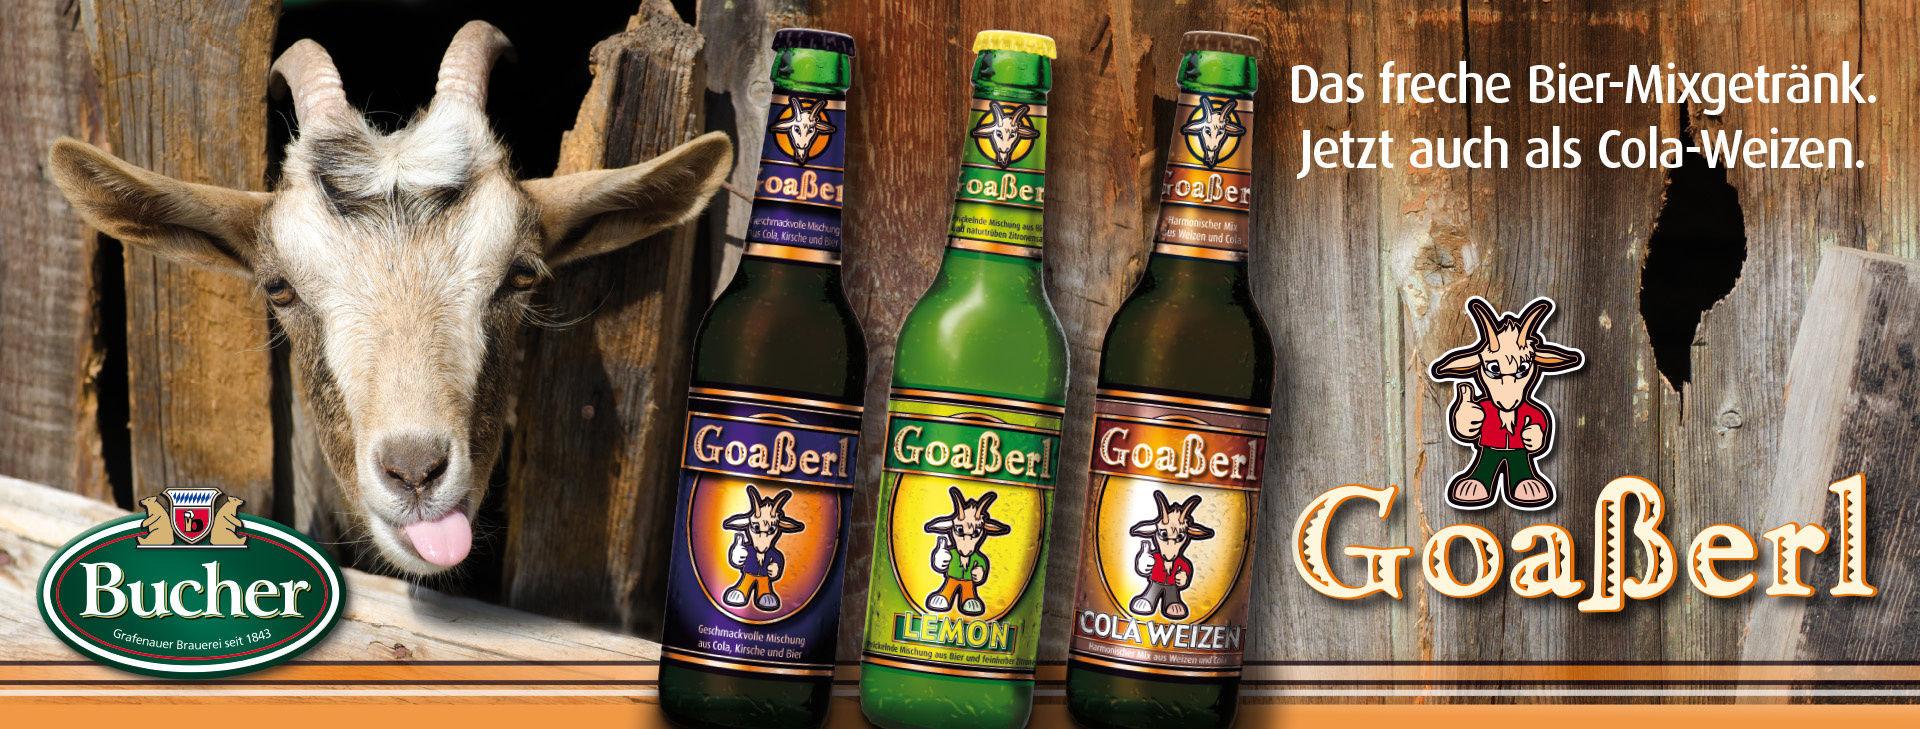 Goaßerl Bucher Bräu Grafenau Brauereien Freyung-Grafenau Bayern